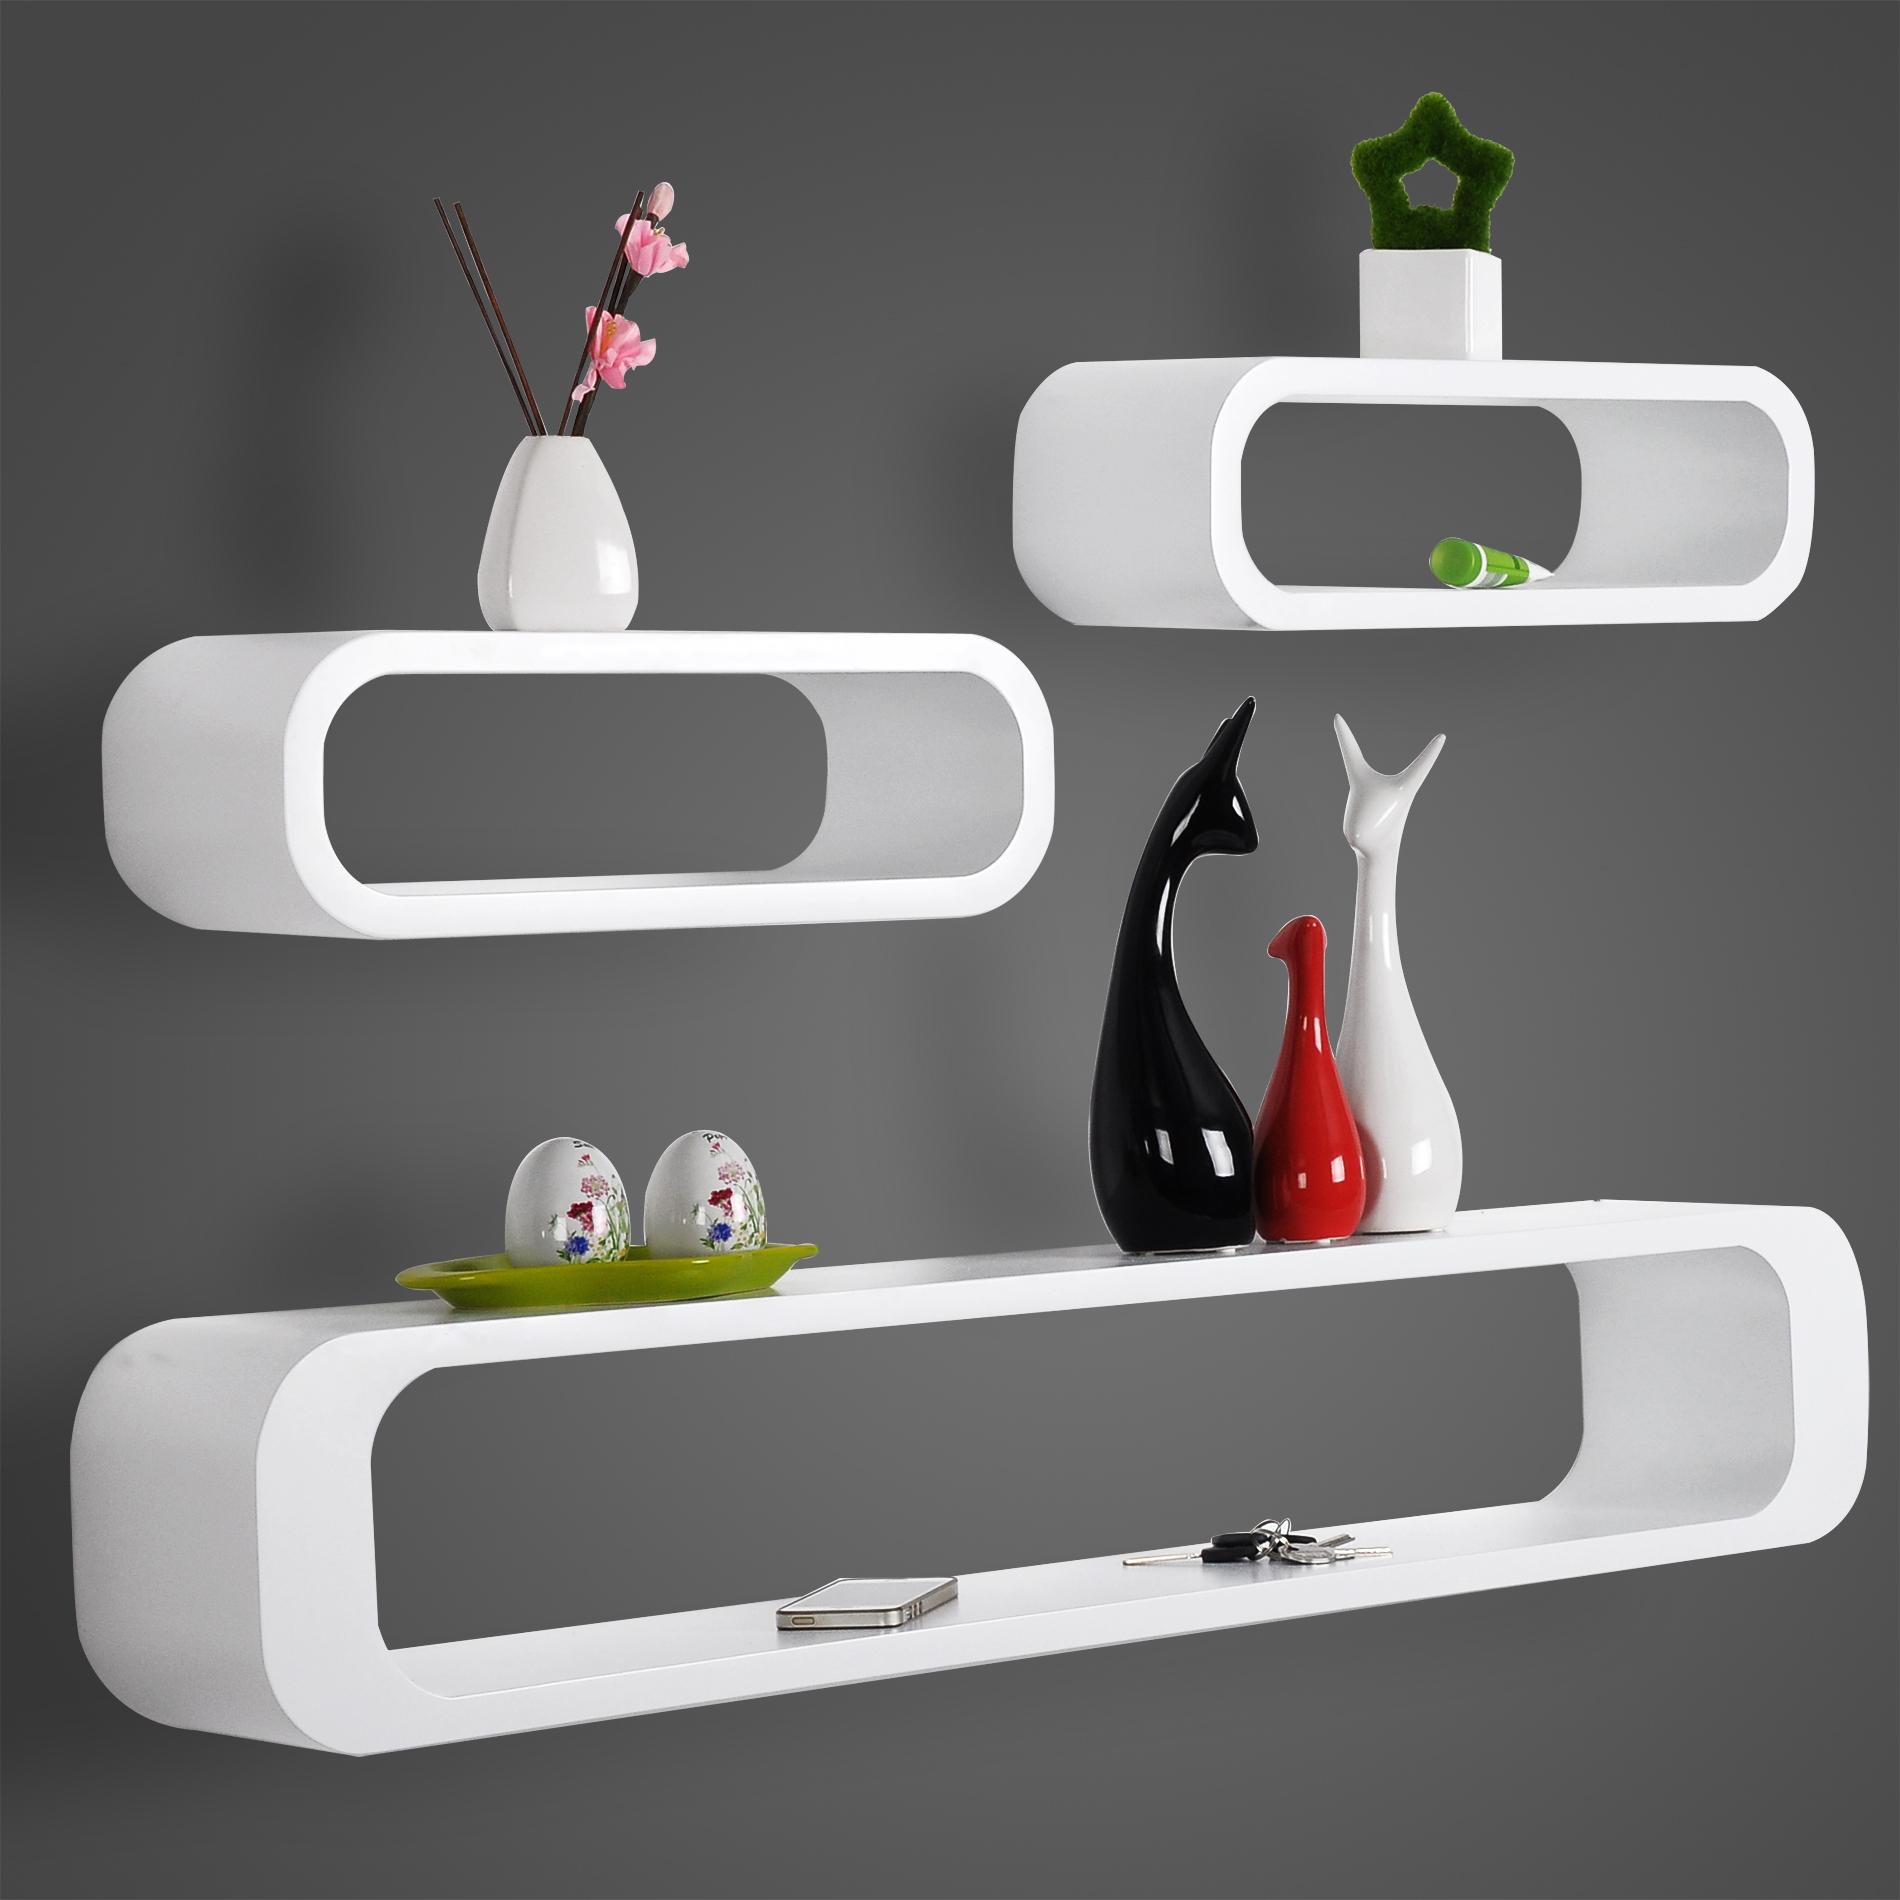 Cube Wavy Board Fan Shape Floating Wall Shelves Shelf For